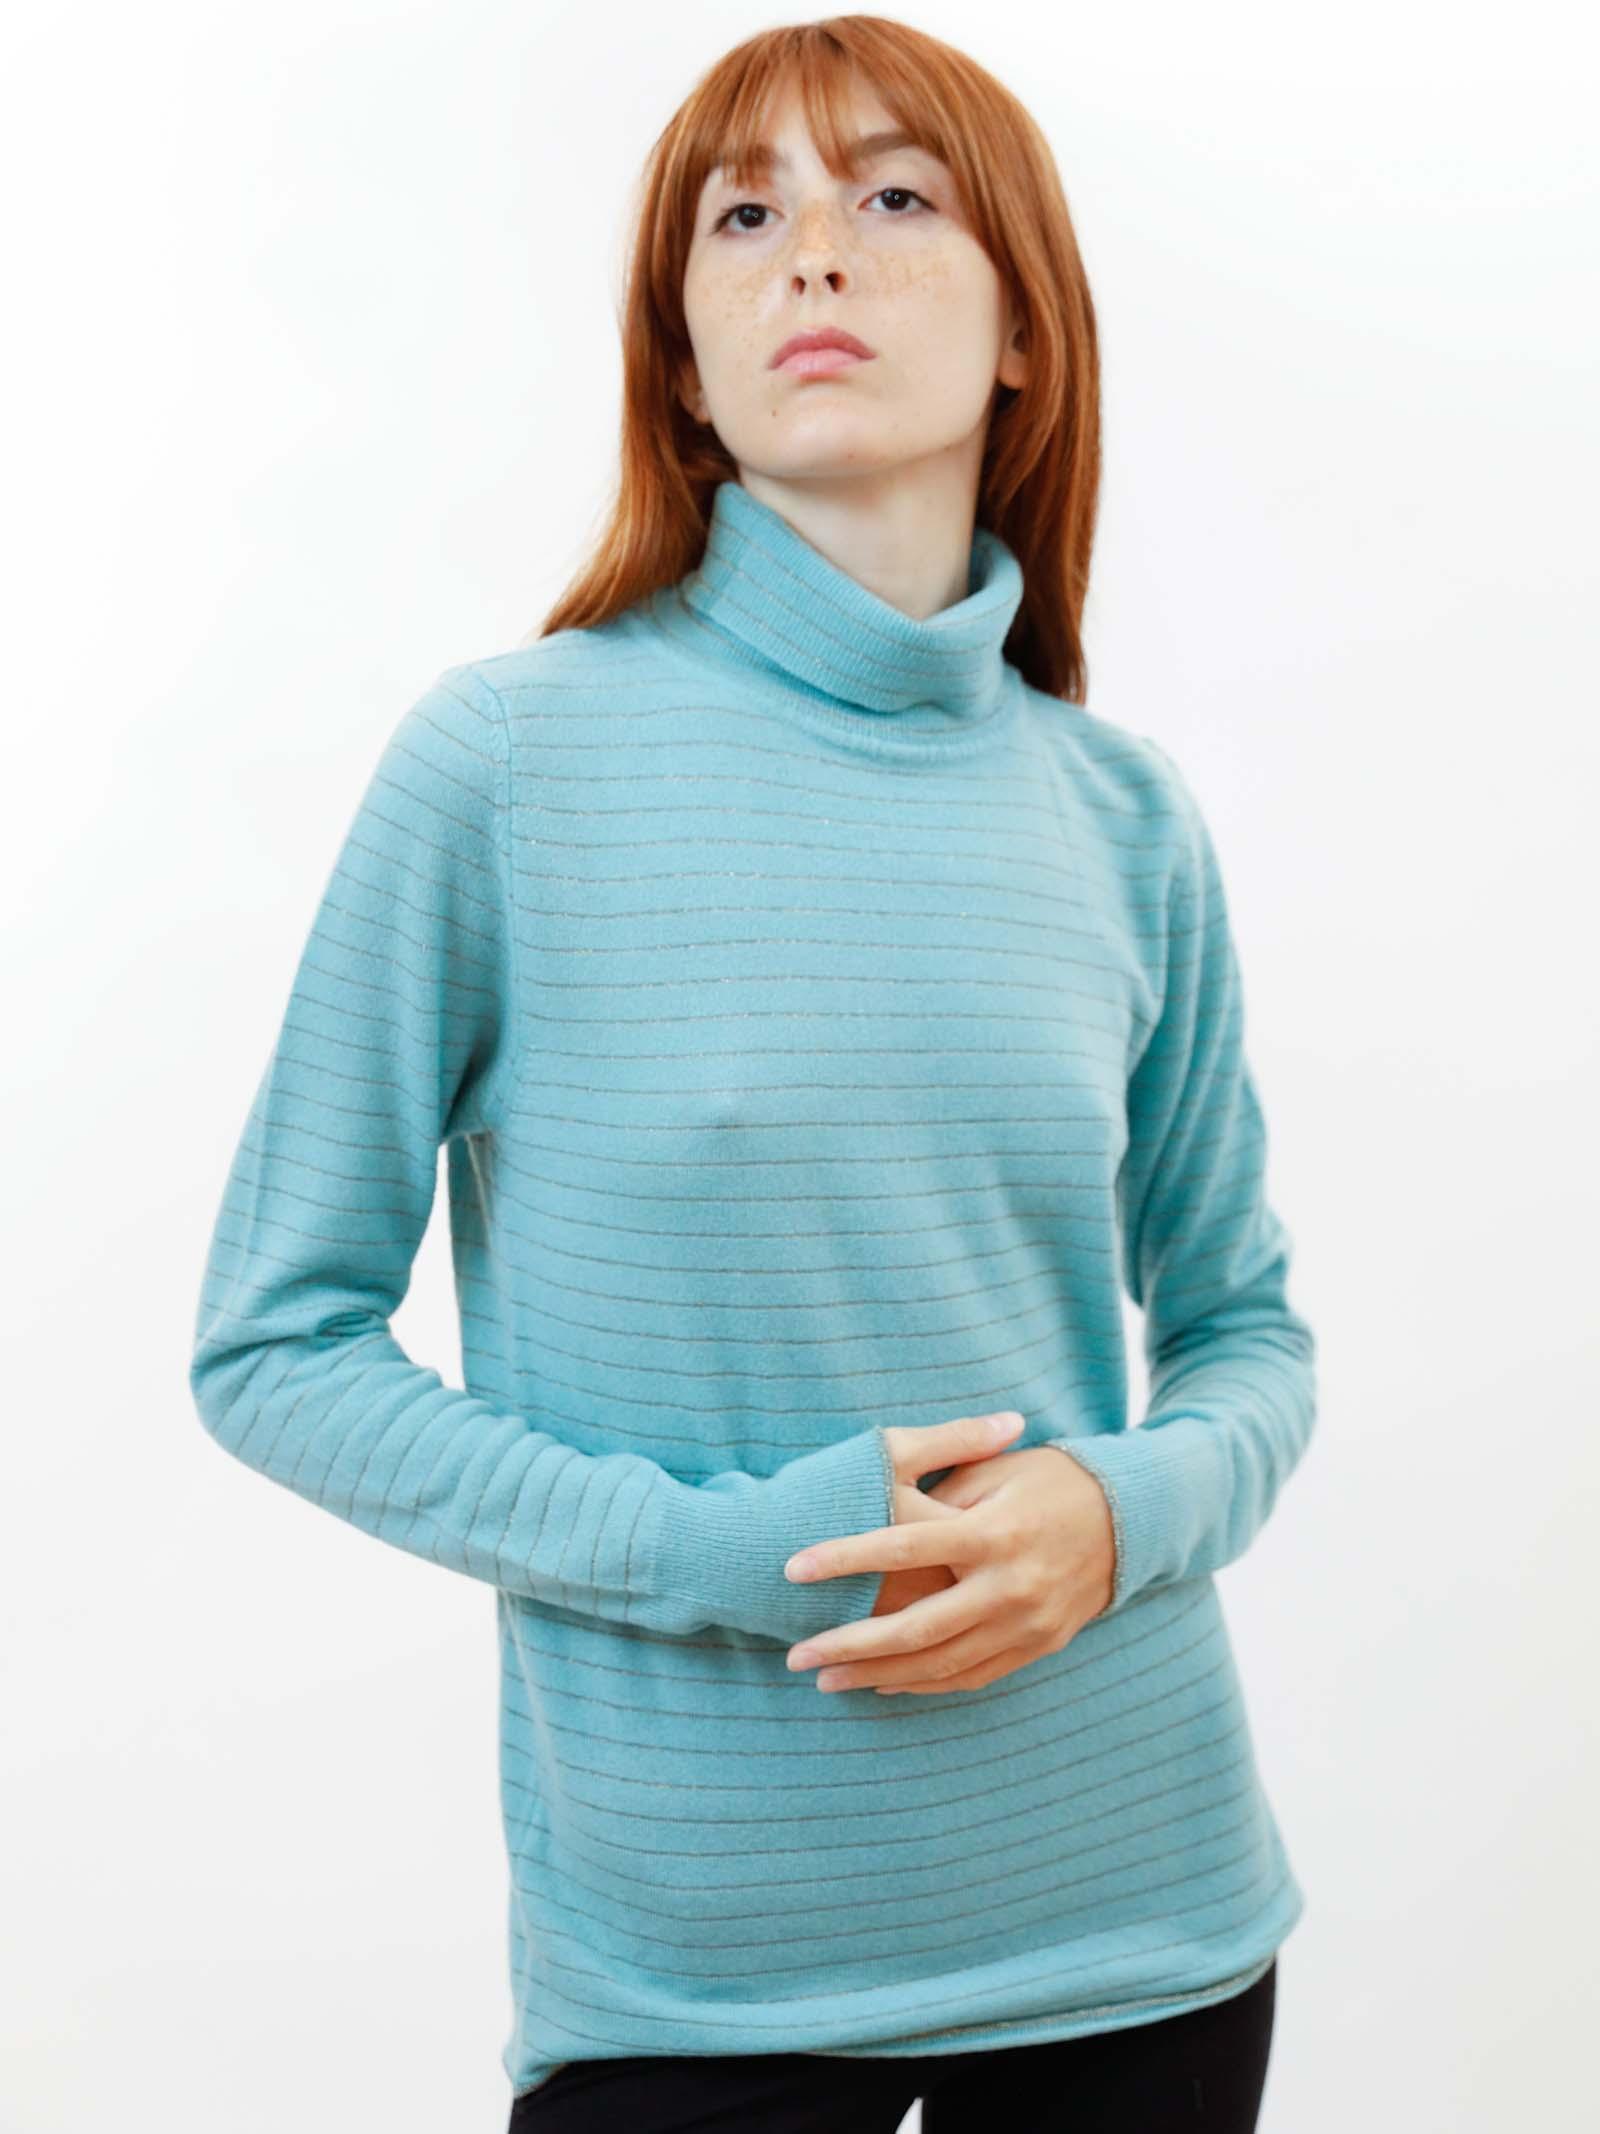 Abbigliamento Donna Maglione Collo Alto Soft Misto Cachemire in Verde Acqua con Lurex Maliparmi | Maglieria | JQ49017052360012